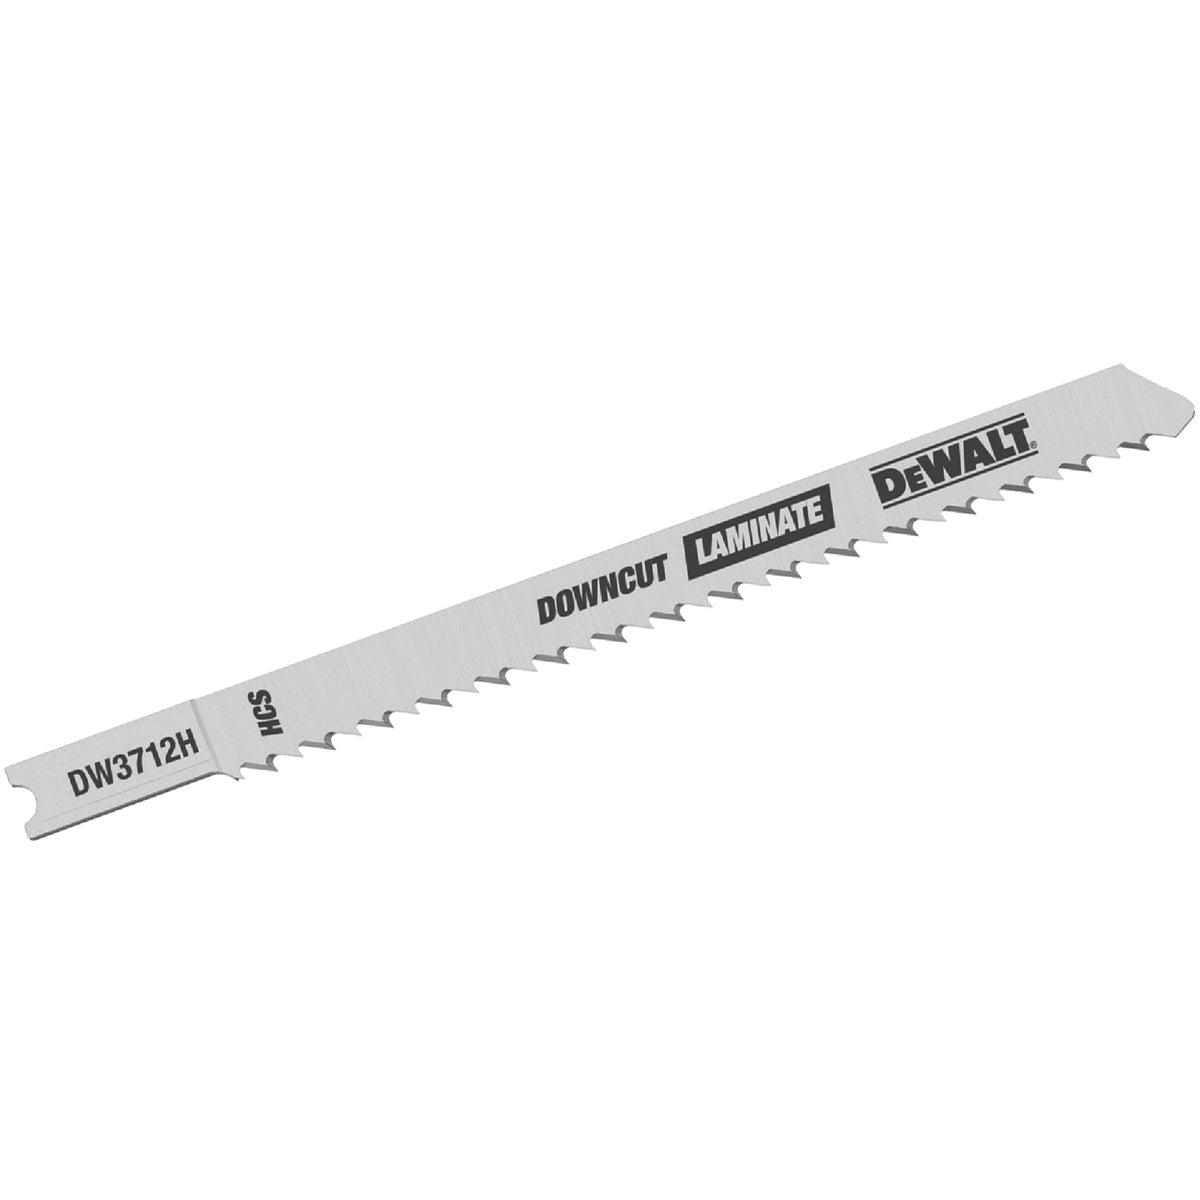 """5PK 4"""" 10T JIGSAW BLADE - DW3712-5 by DeWalt"""